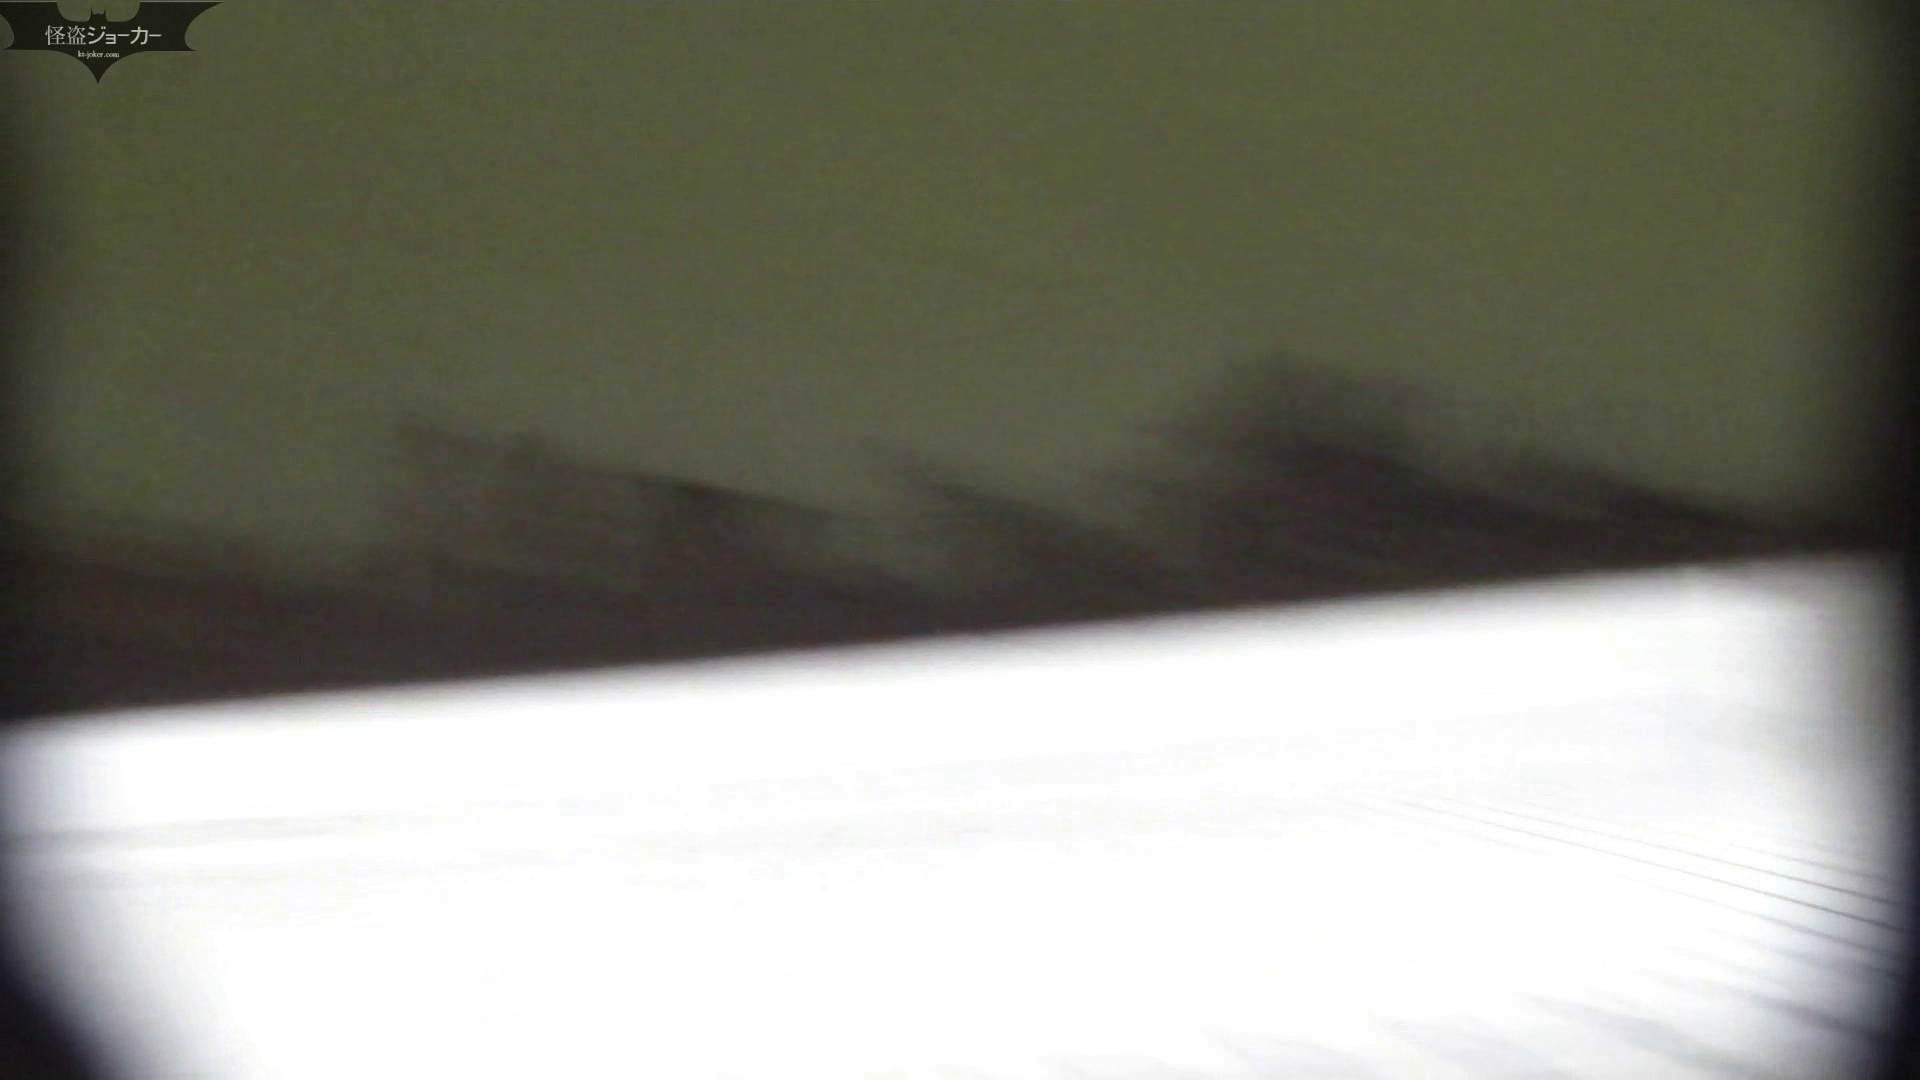 【美しき個室な世界】洗面所特攻隊 vol.051 洗面所着替え   OL  61連発 38